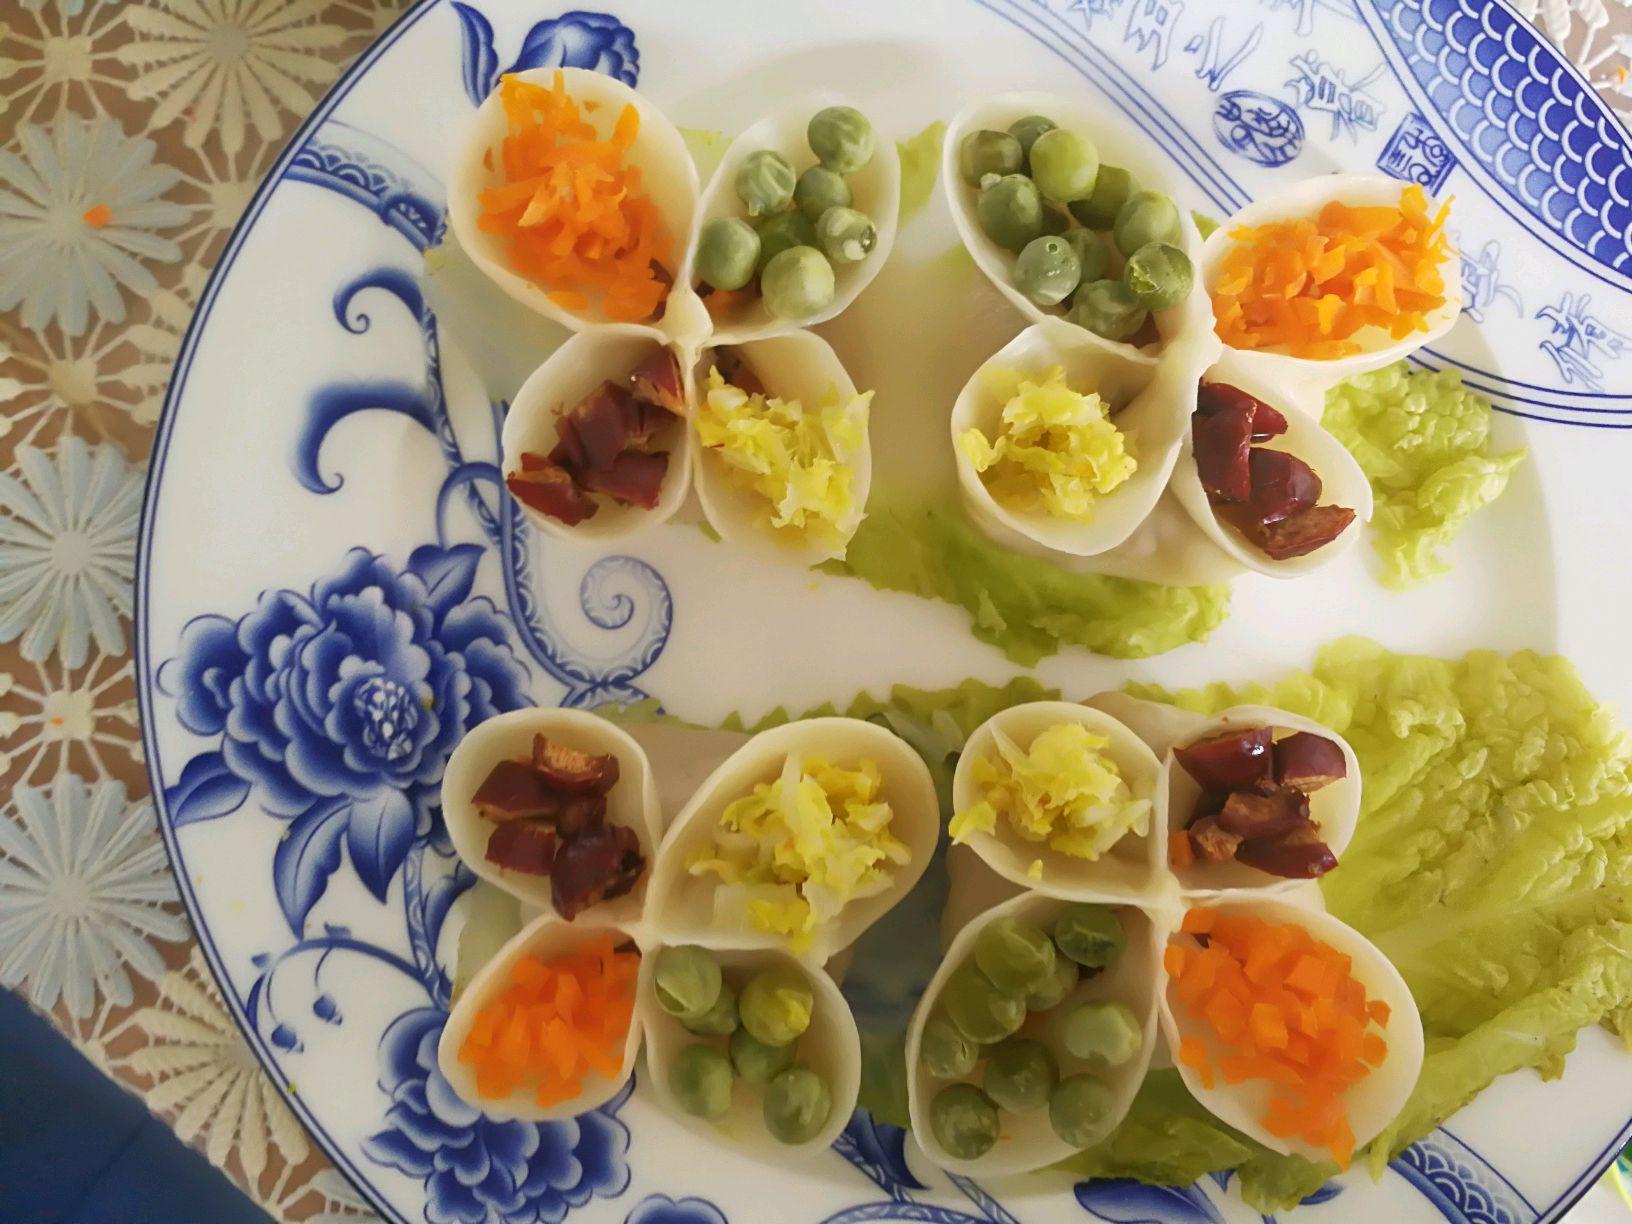 四喜饺子的做法_【图解】四喜饺子怎么做如何做好吃